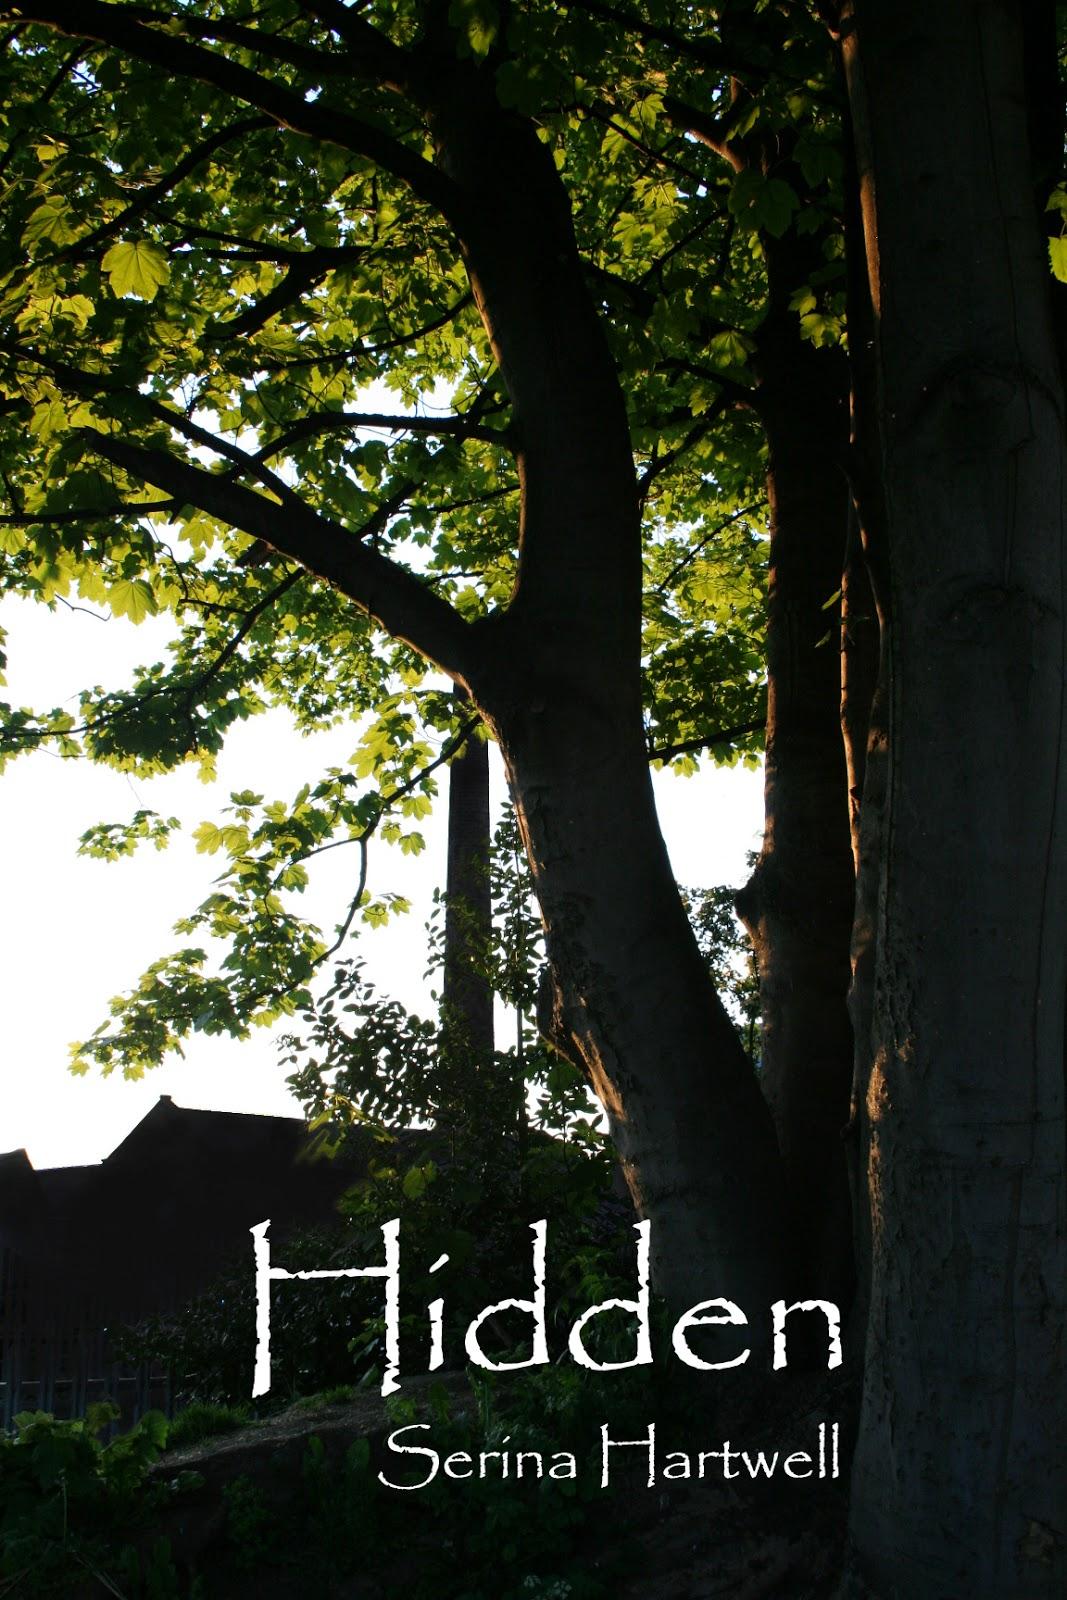 https://www.goodreads.com/book/show/22382615-hidden---serina-hartwell